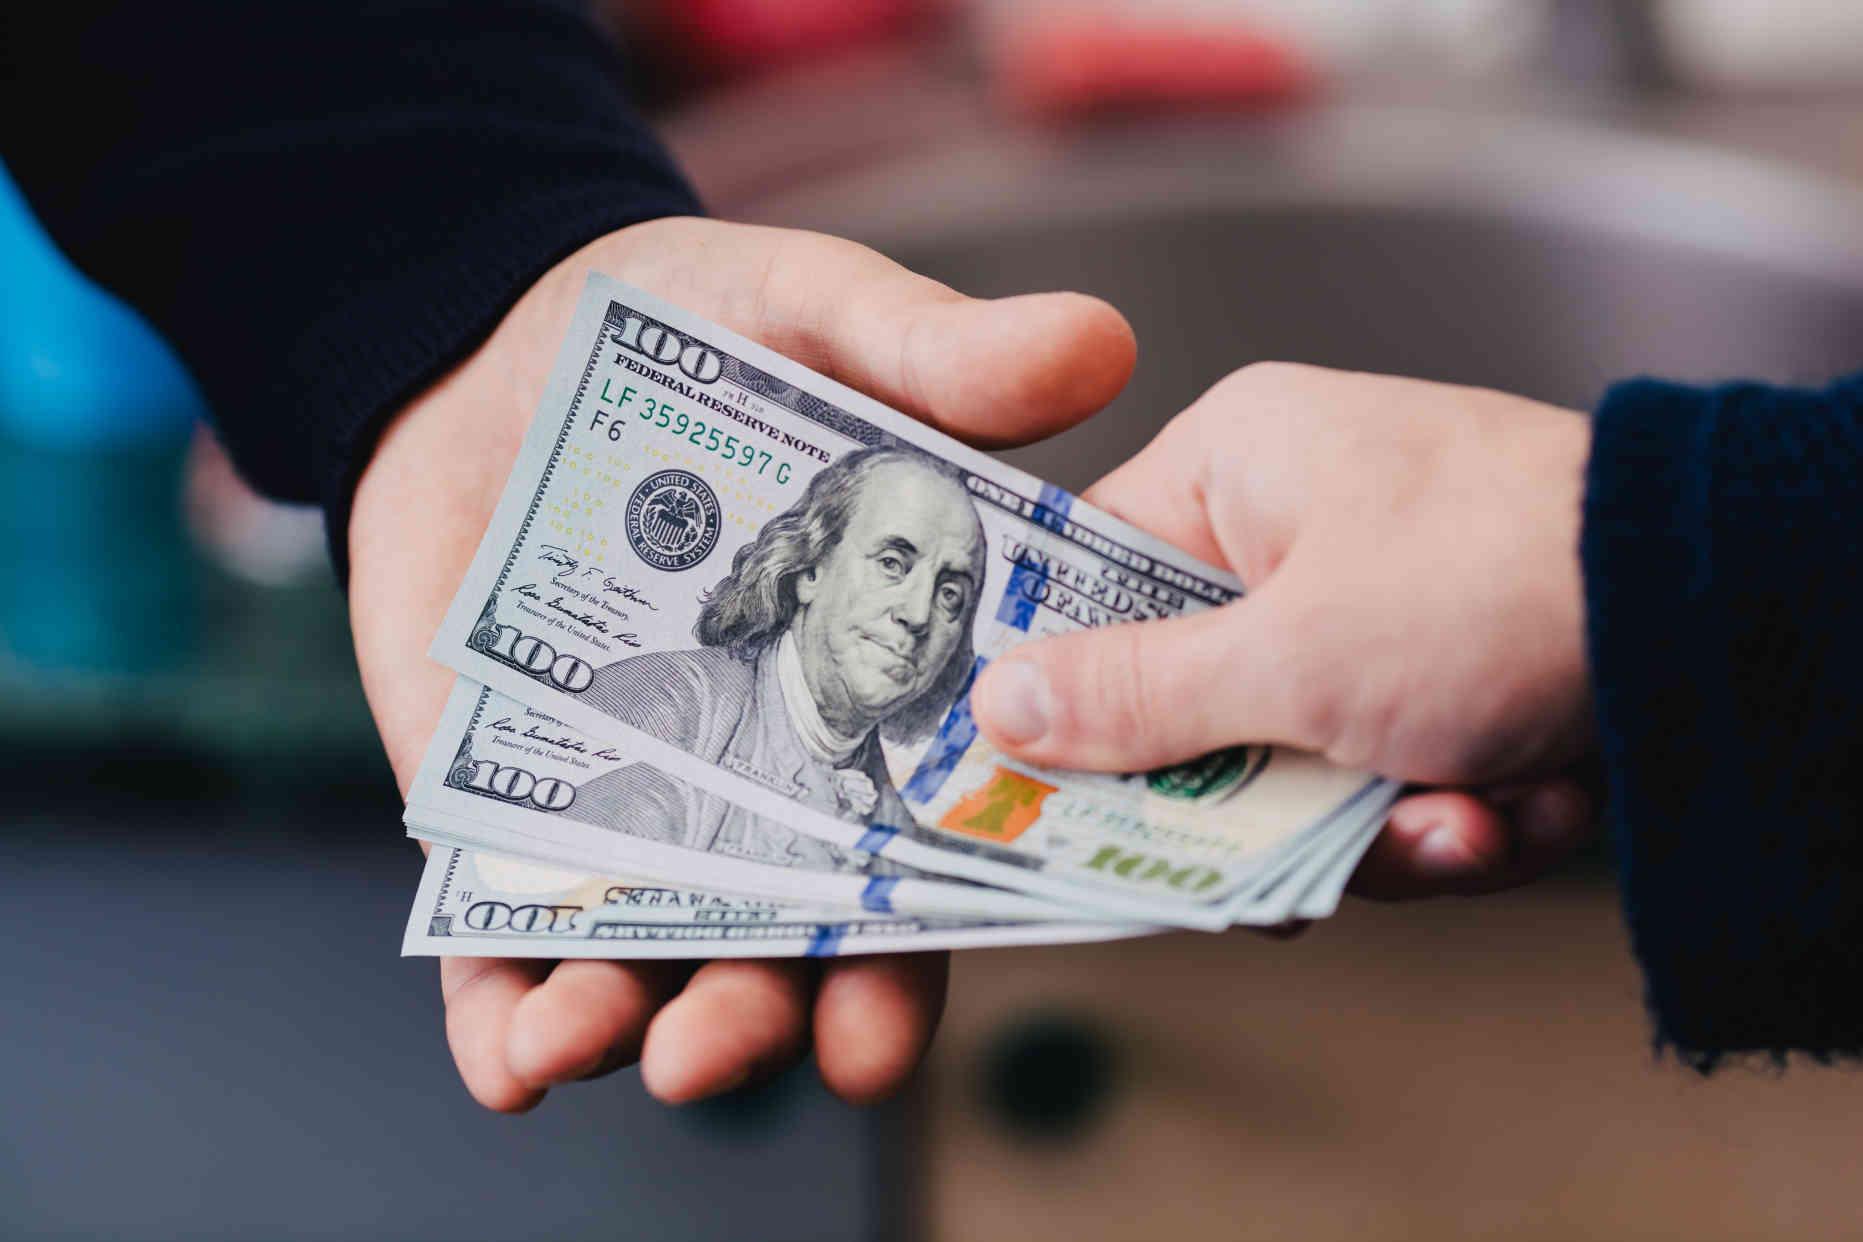 Renforcement de la réglementation des plateformes de crowdfunding dans le cadre de la lutte contre le blanchiment et le financement du terrorisme